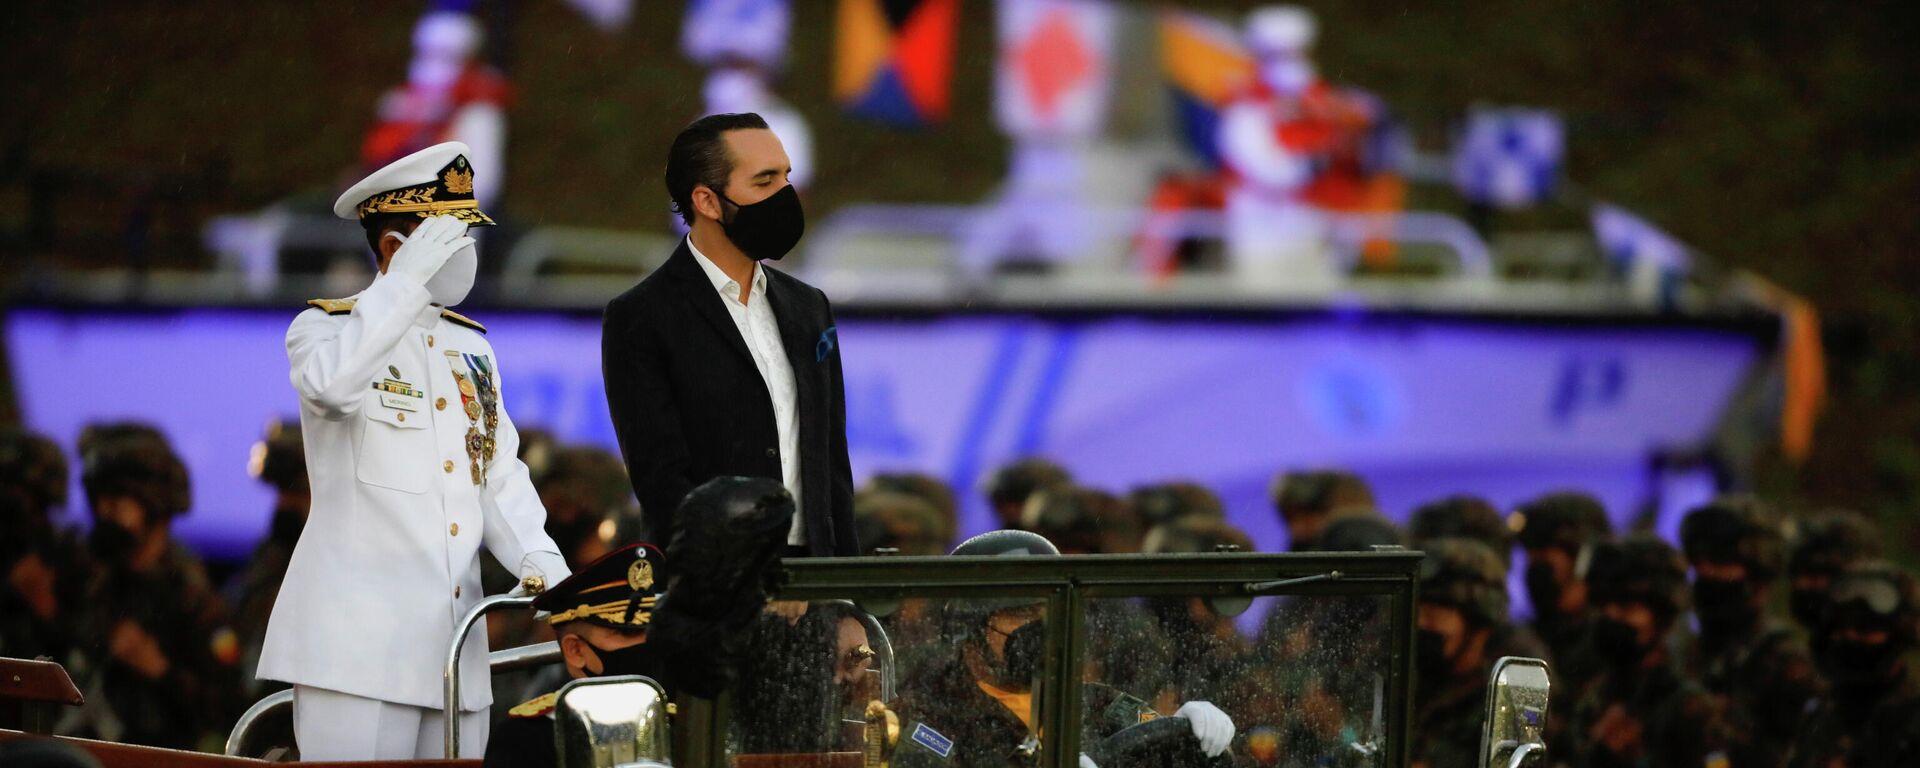 El presidente de El Salvador, Nayib Bukele, durante un desfile militar el 7 de mayo de 2021 - Sputnik Mundo, 1920, 12.05.2021